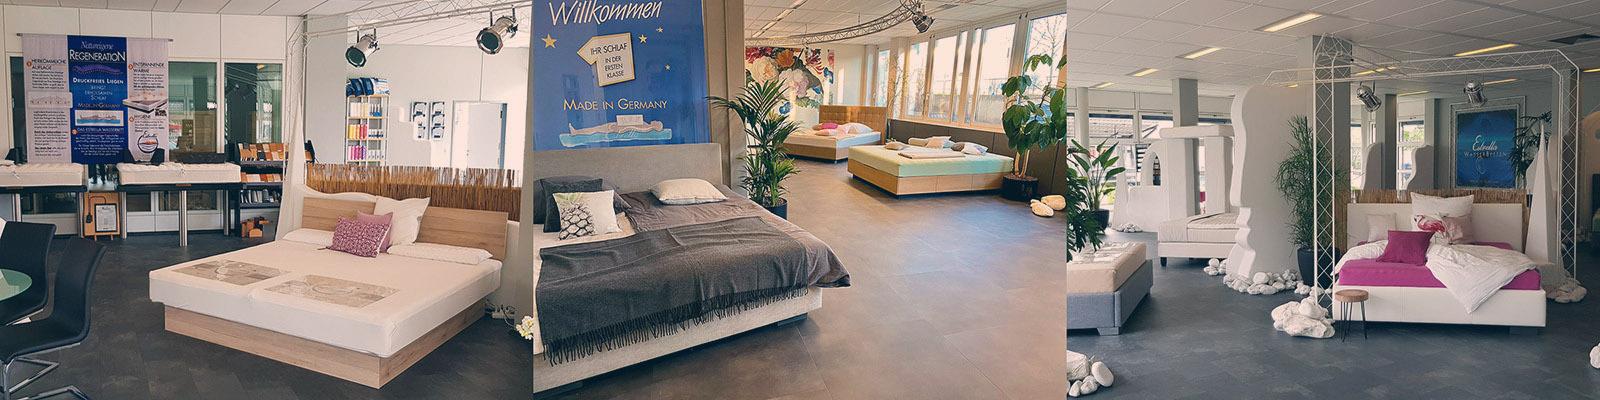 3 Fotos von 3 Filialen der Kallisto GmbH. Zu sehen sind die Innenräume der Filialen mit den dort ausgestellten Wasserbetten.